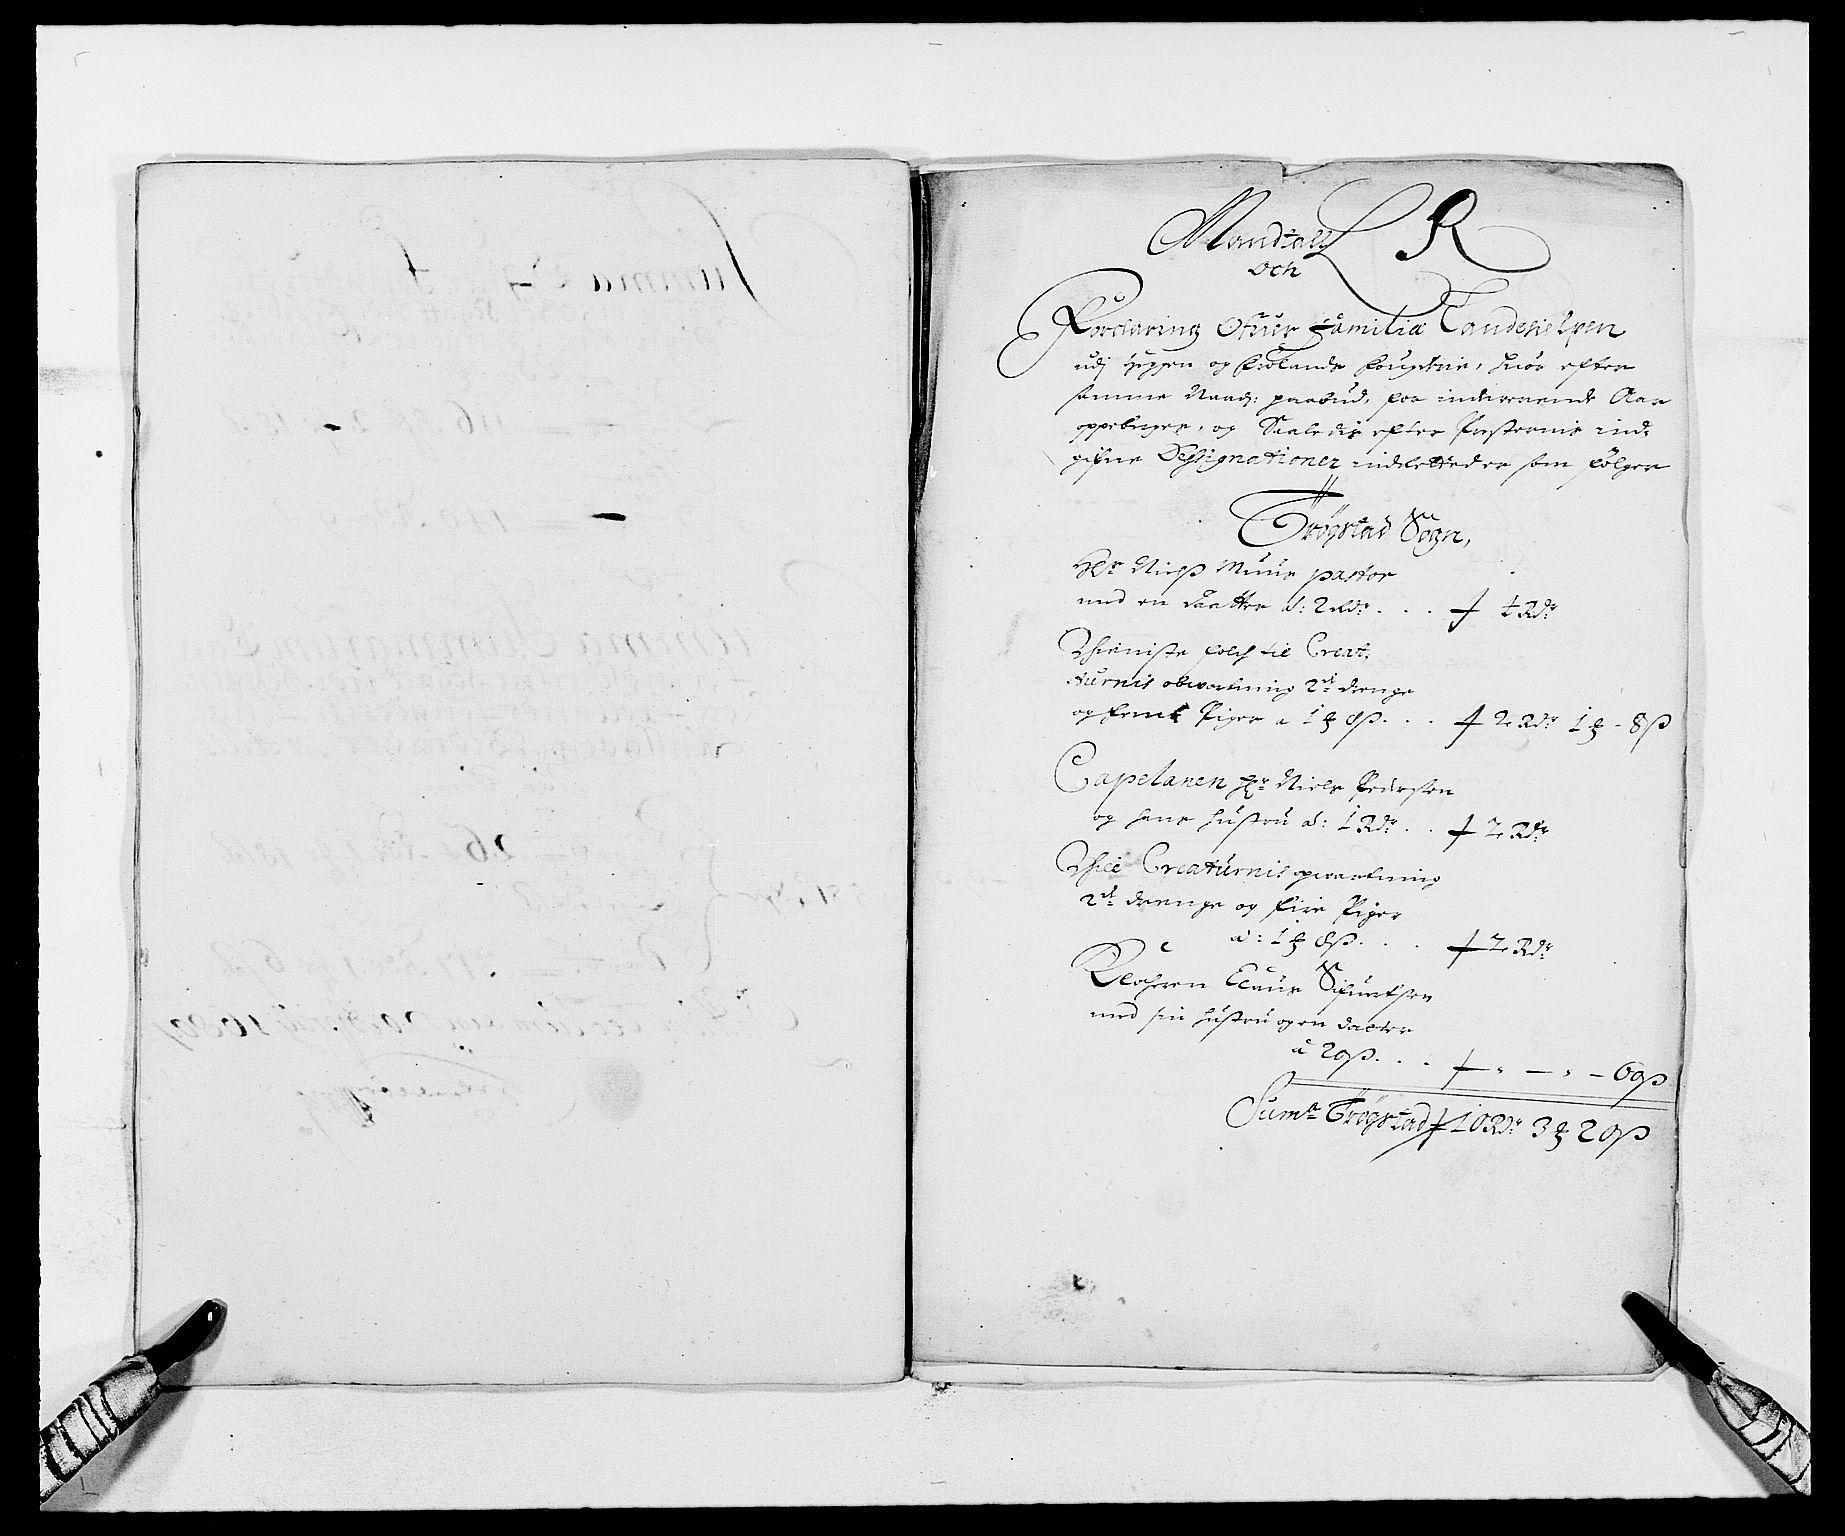 RA, Rentekammeret inntil 1814, Reviderte regnskaper, Fogderegnskap, R06/L0279: Fogderegnskap Heggen og Frøland, 1678-1680, s. 350